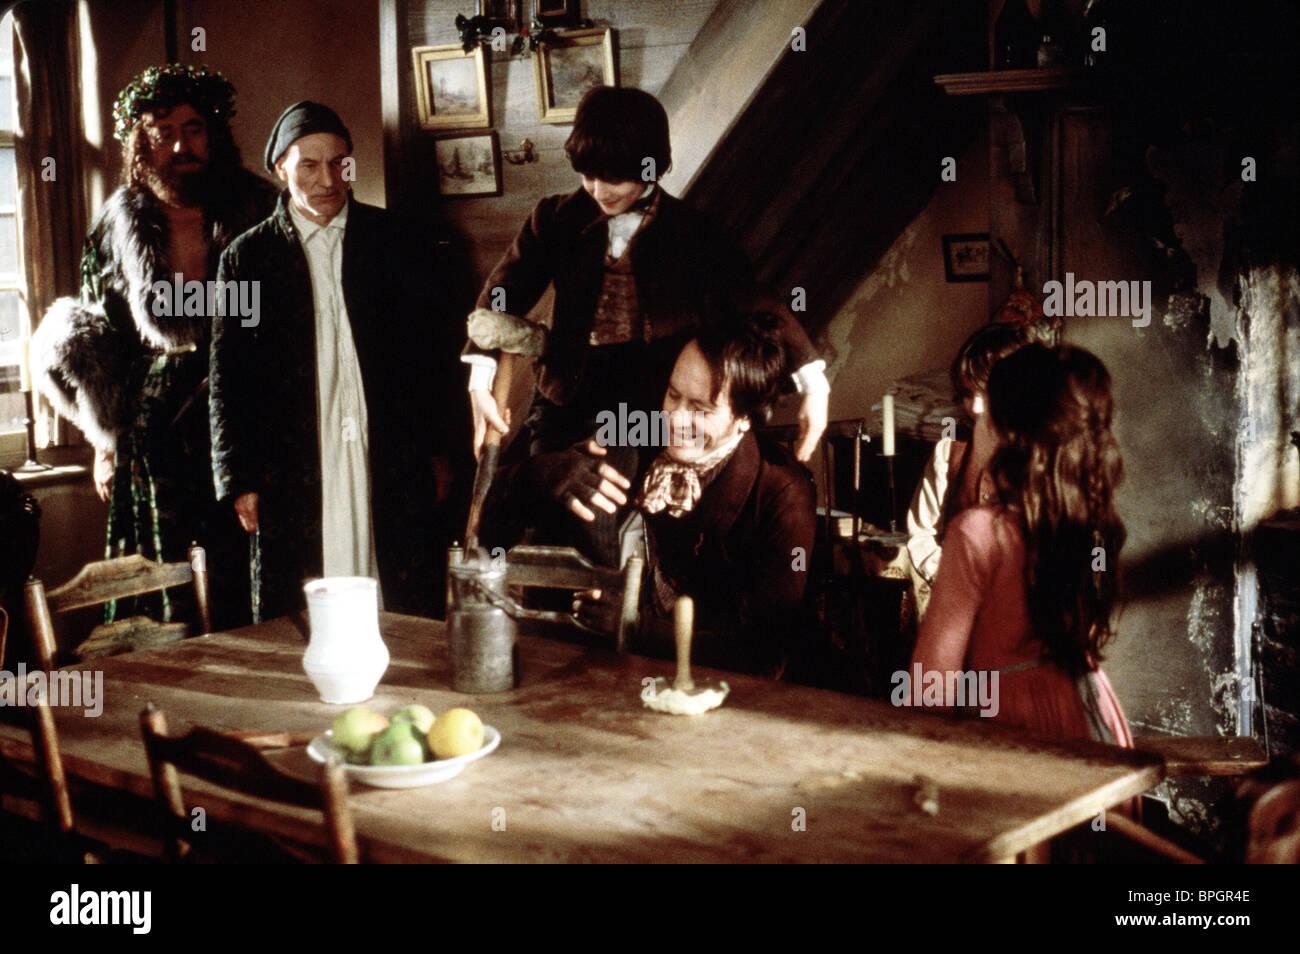 A Christmas Carol 1999.Desmond Barrit Patrick Stewart Ben Tibber Richard E